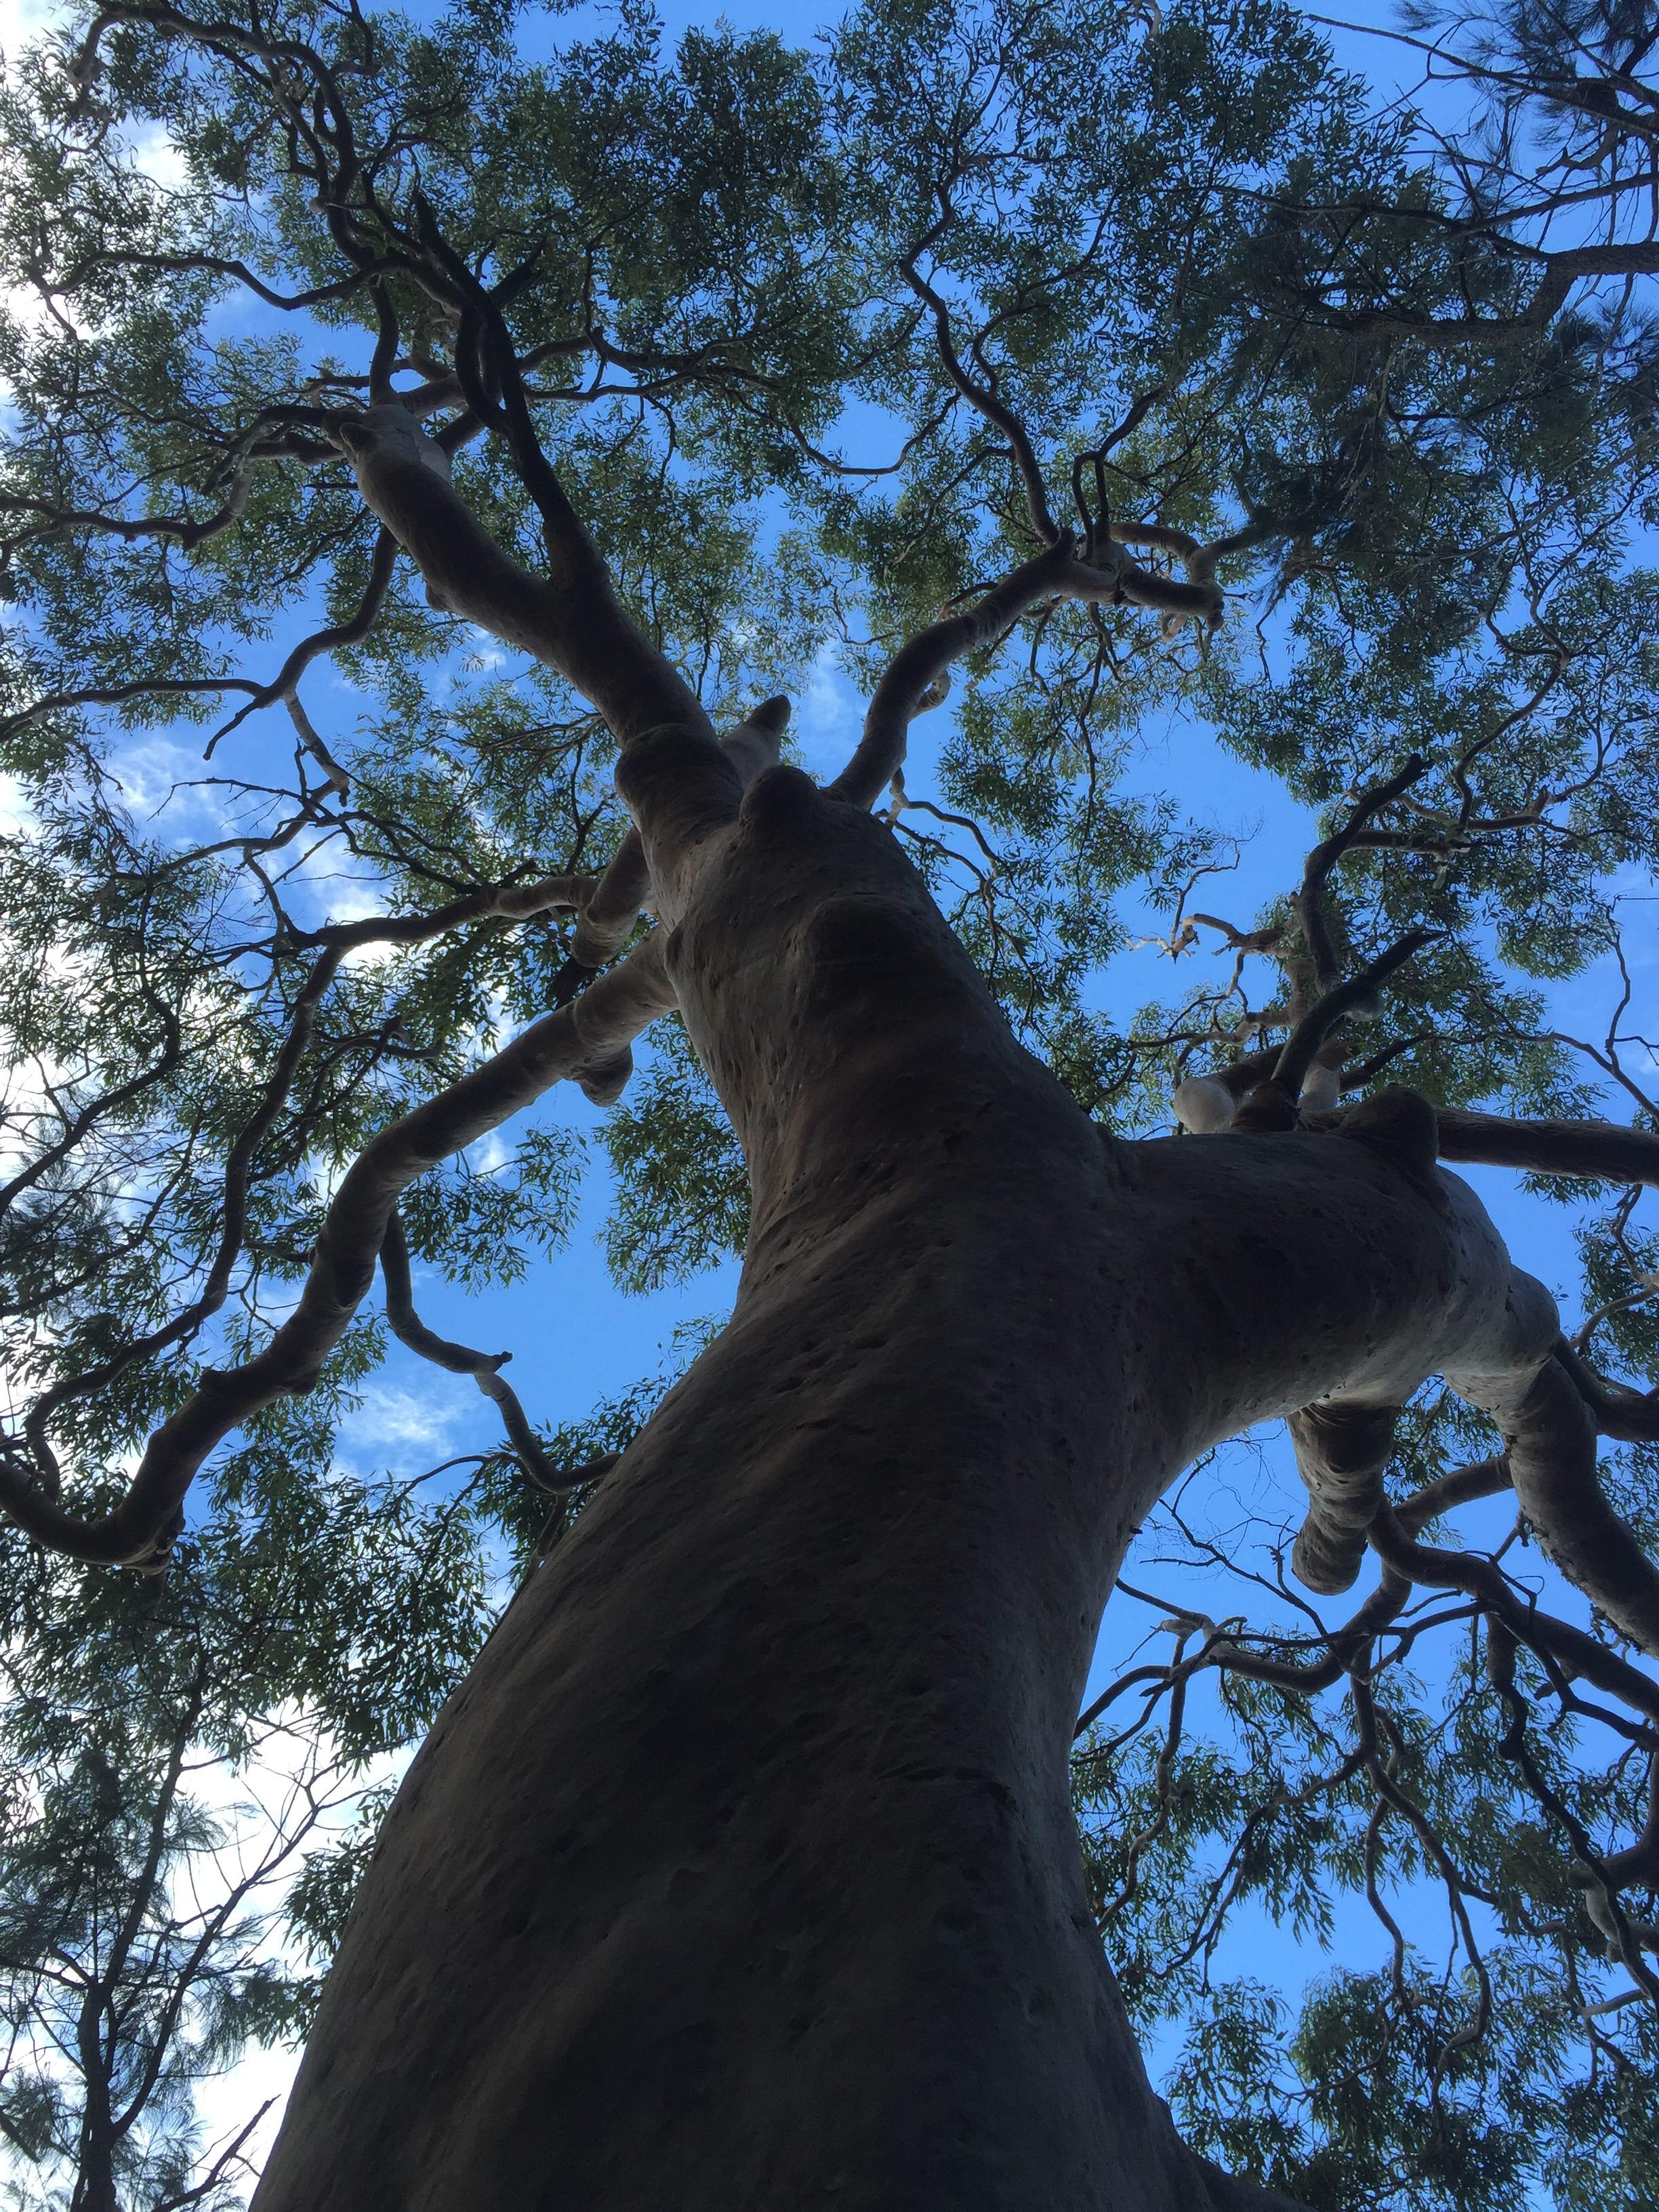 Los famosos Gumtree cerca de Sídney. Una de las cosas que ver en Sídney y alrededores